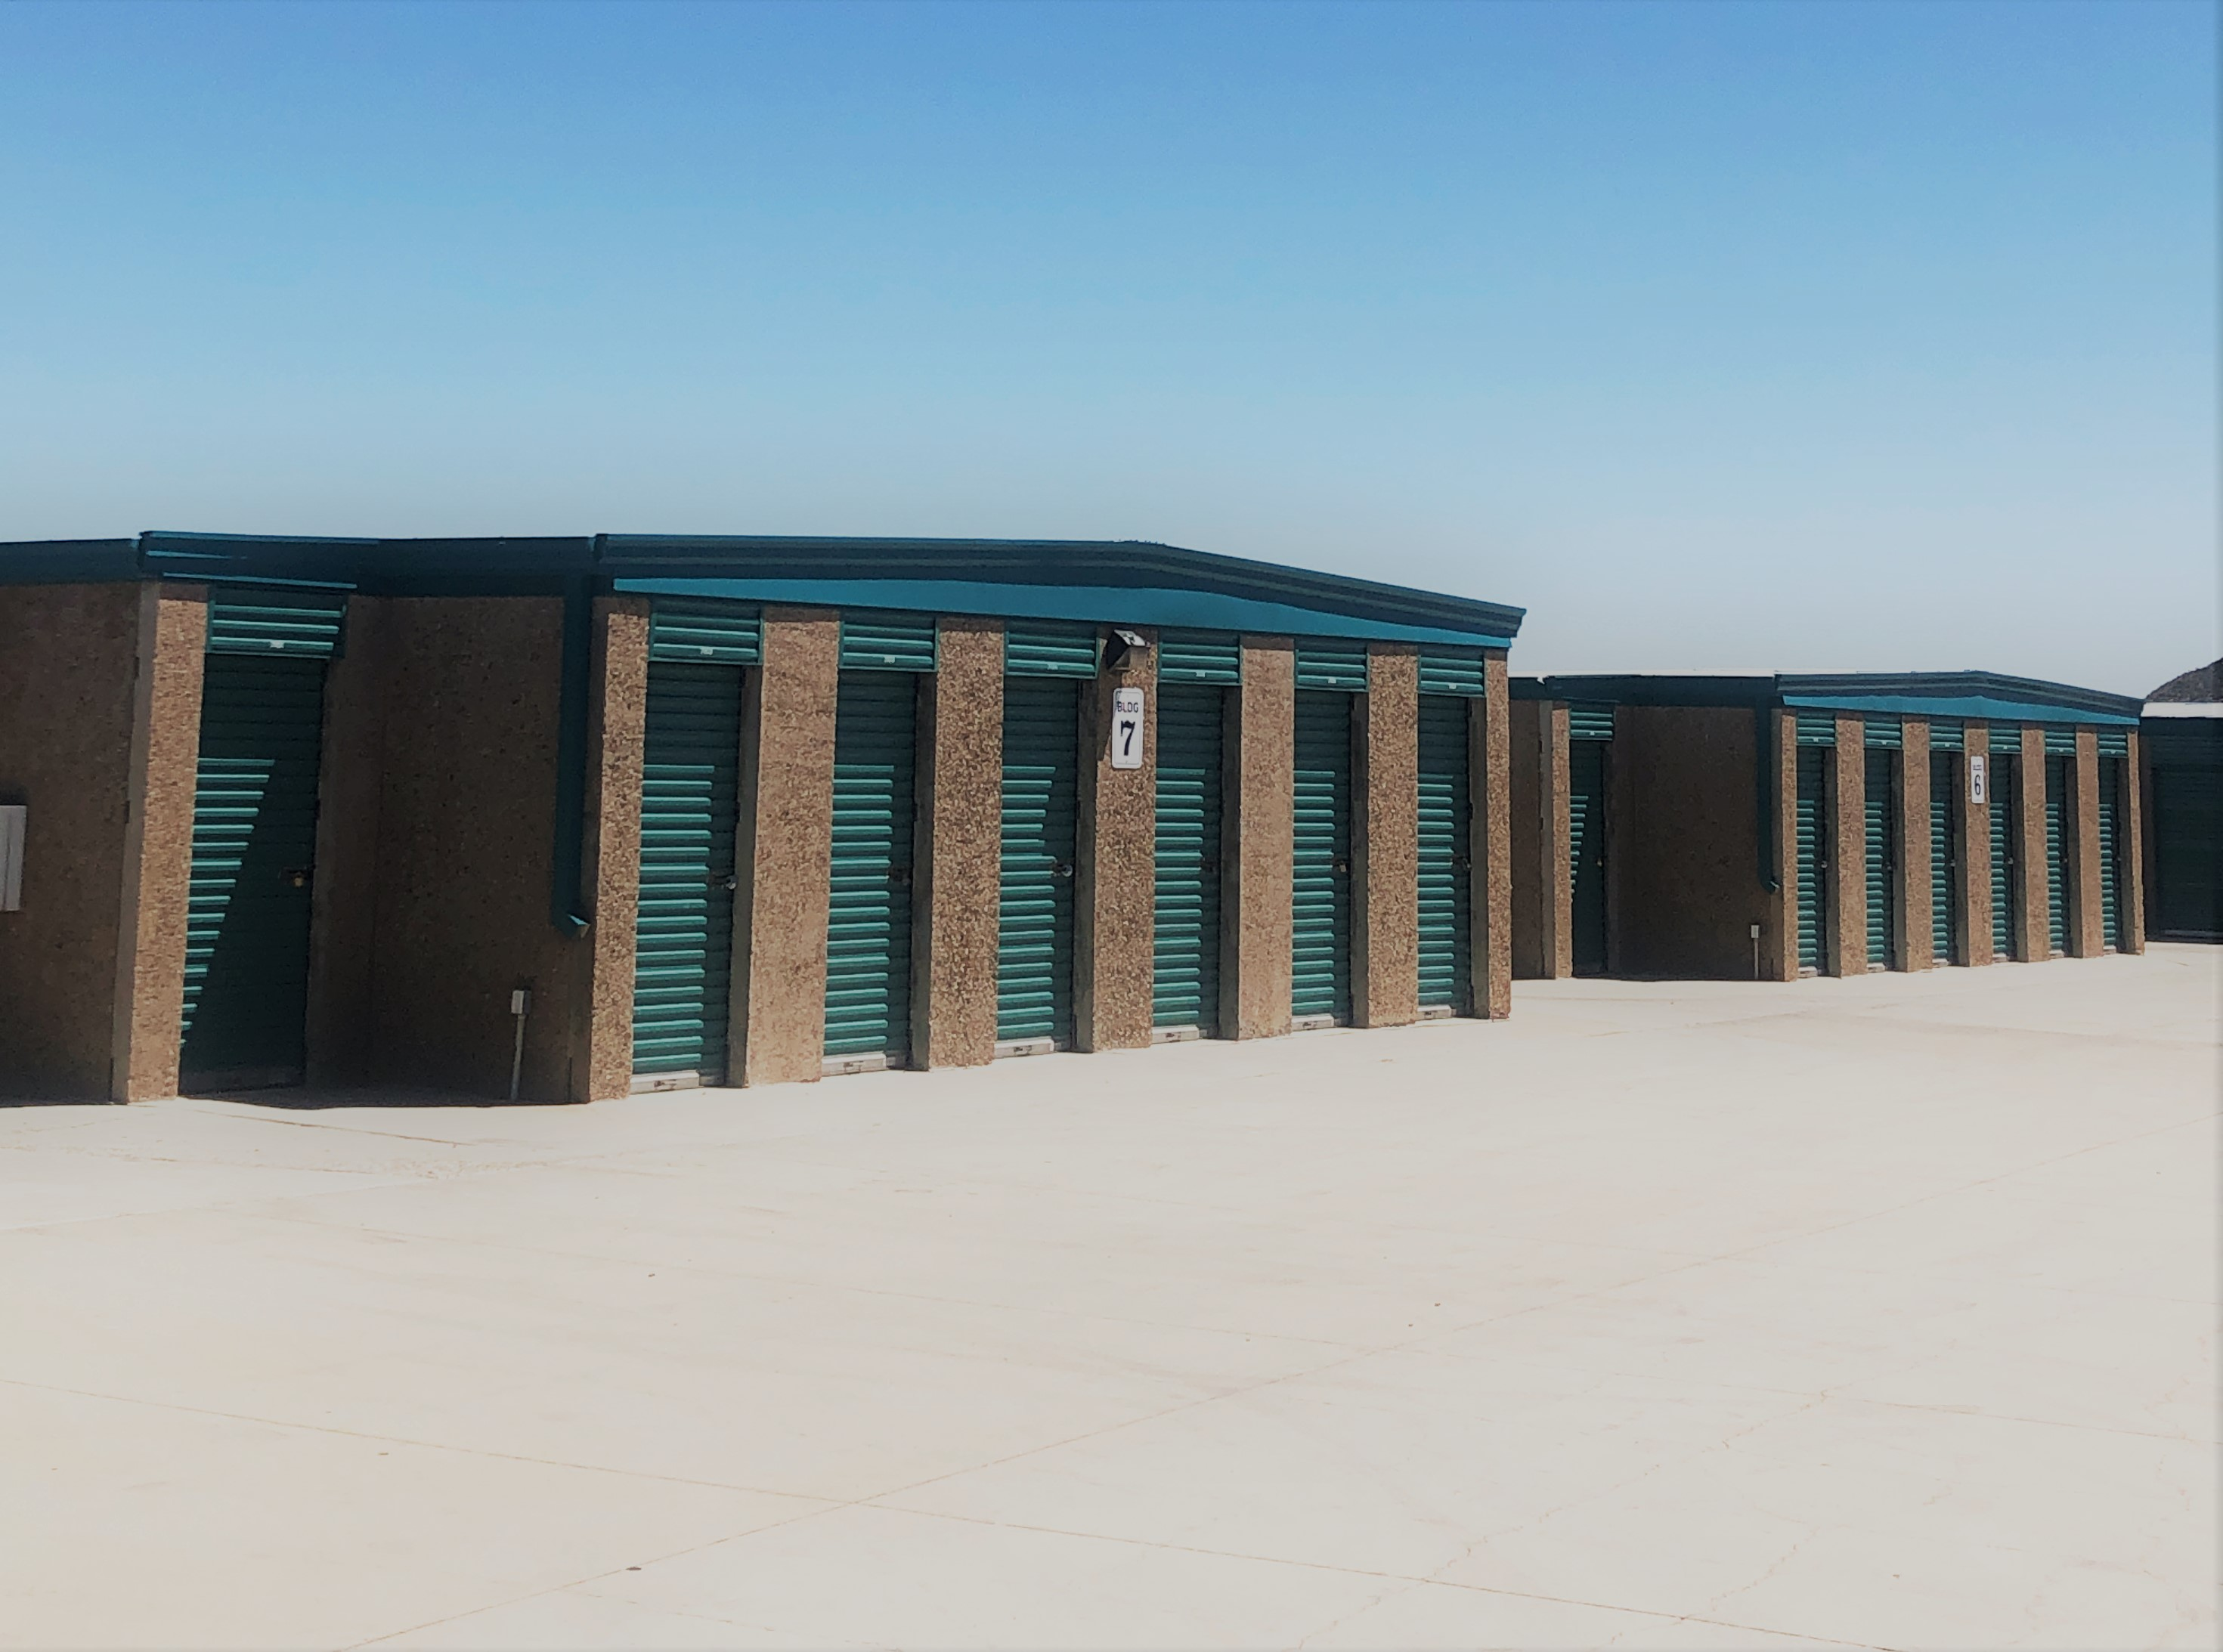 Budget Mini Storage of Prescott Valley, AZ